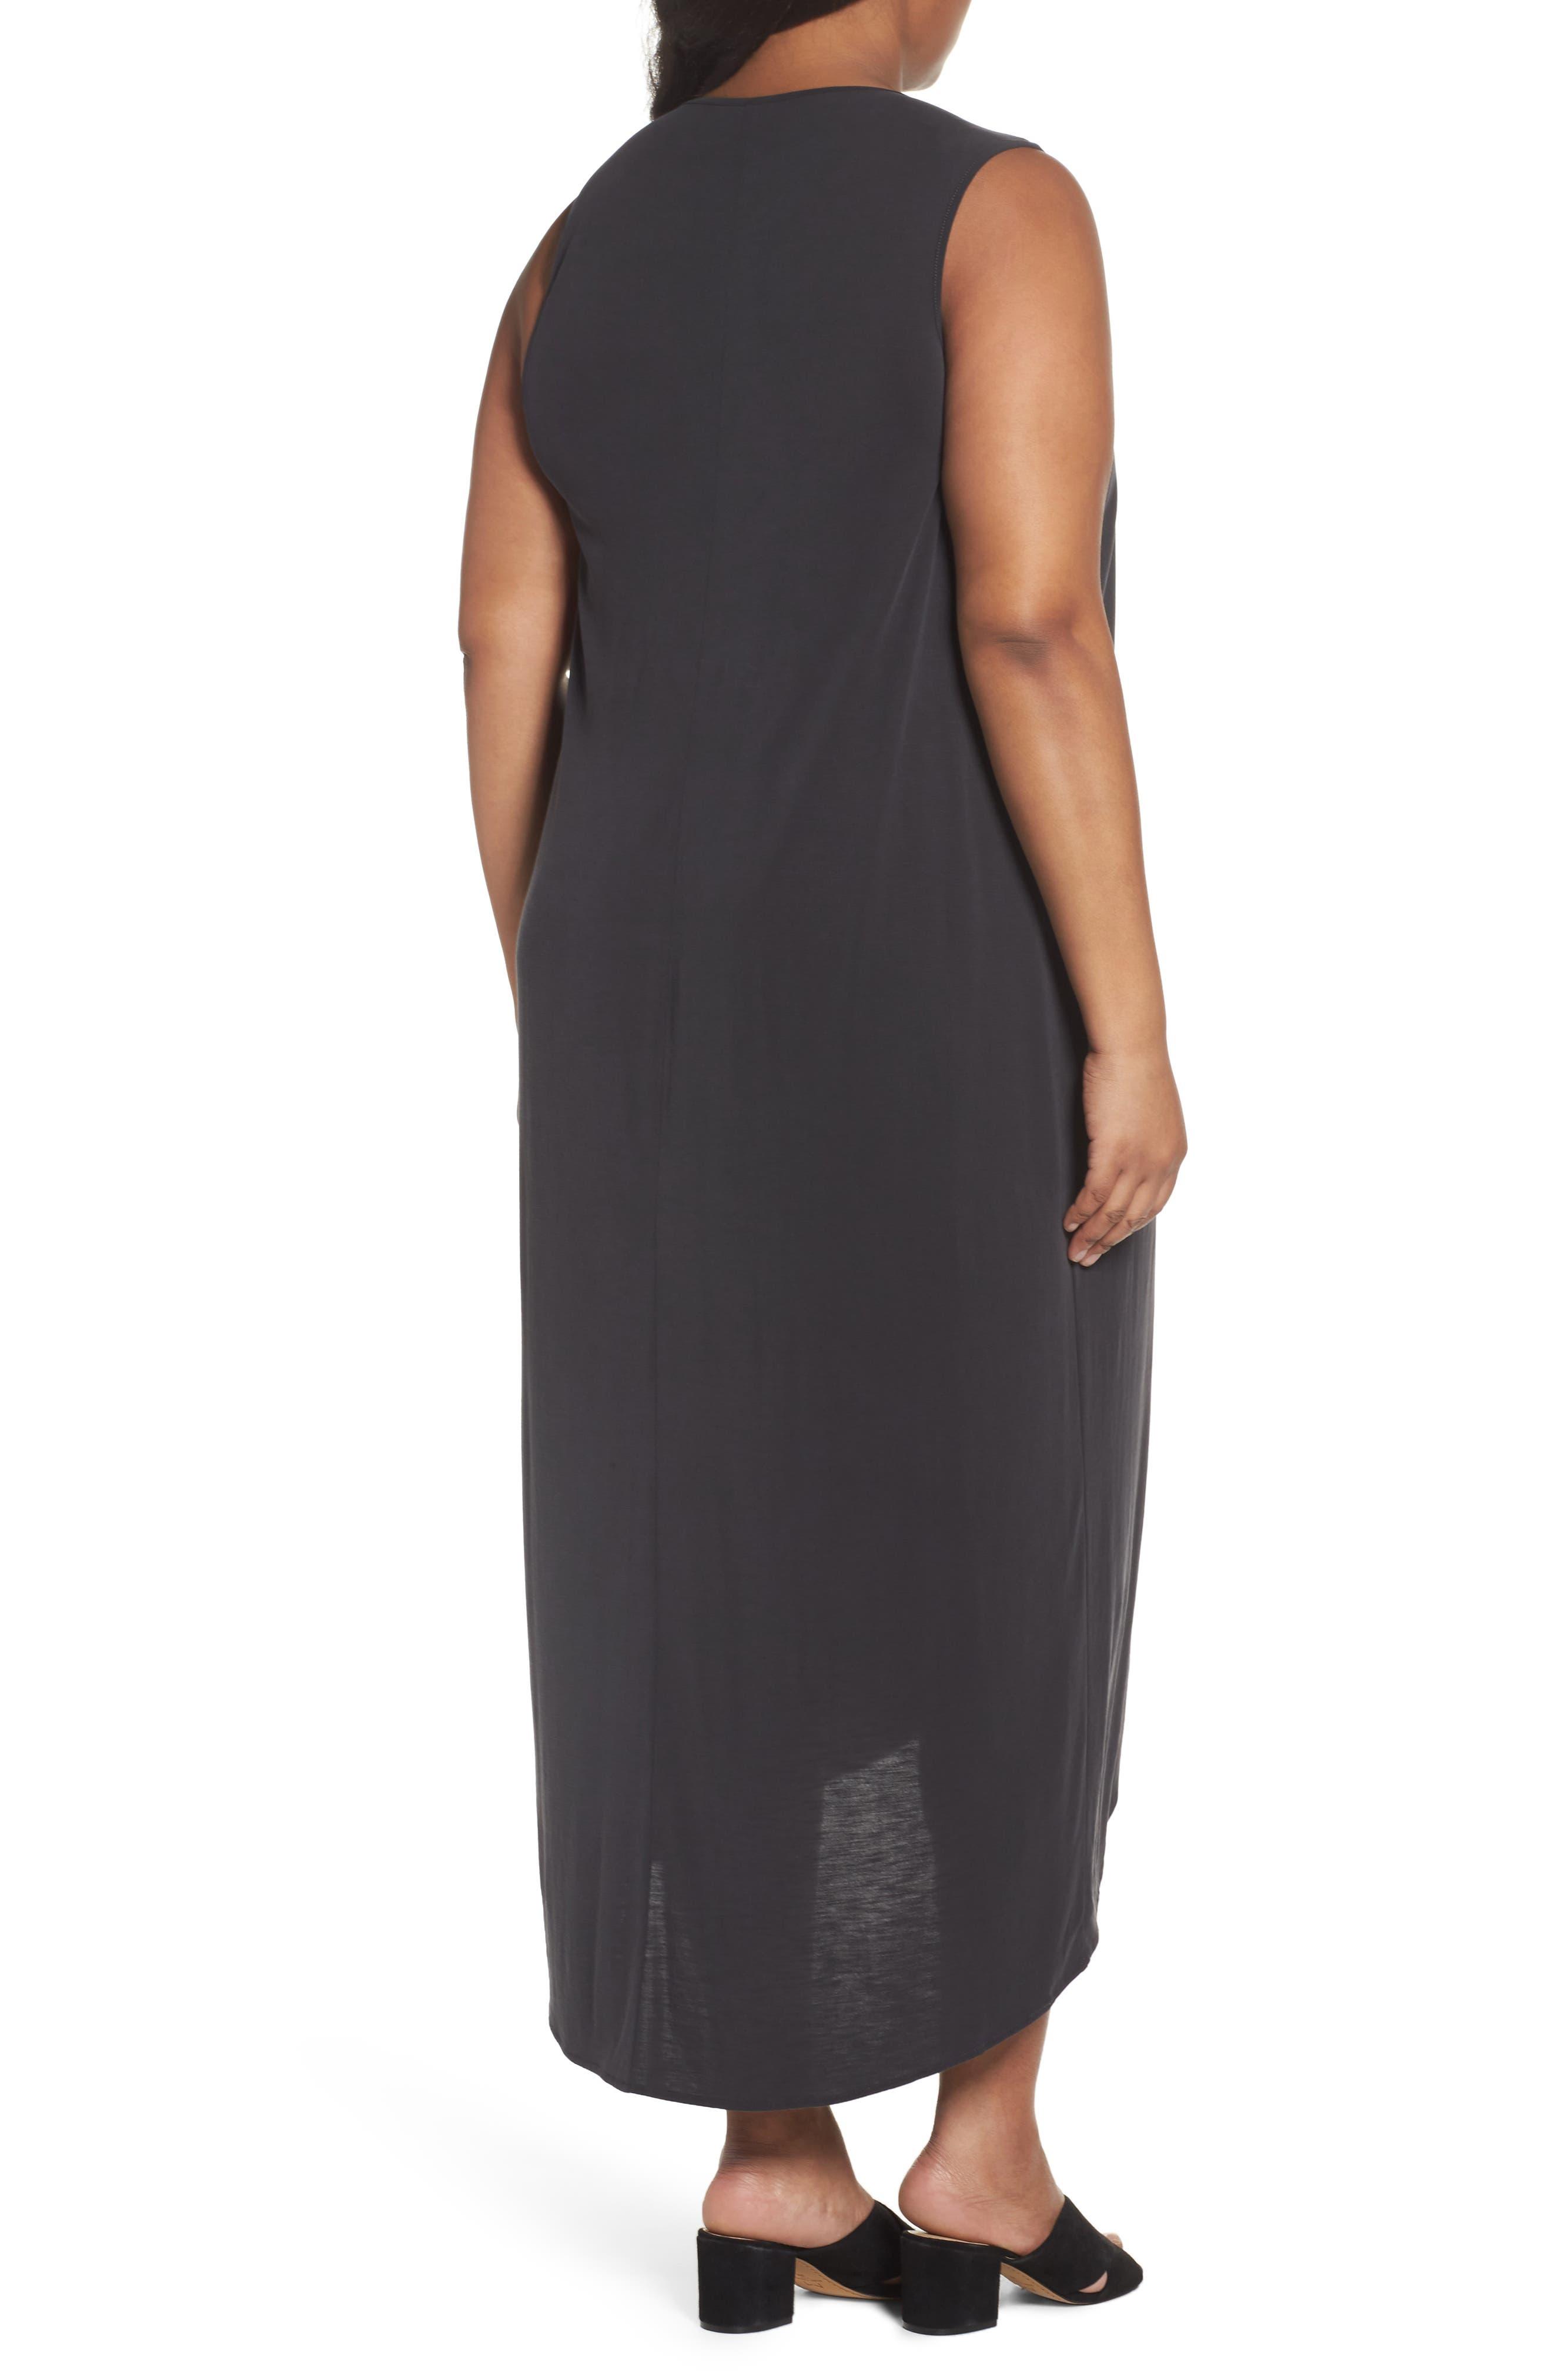 Alternate Image 2  - NIC+ZOE Boardwalk Jersey High/Low Dress (Plus Size)